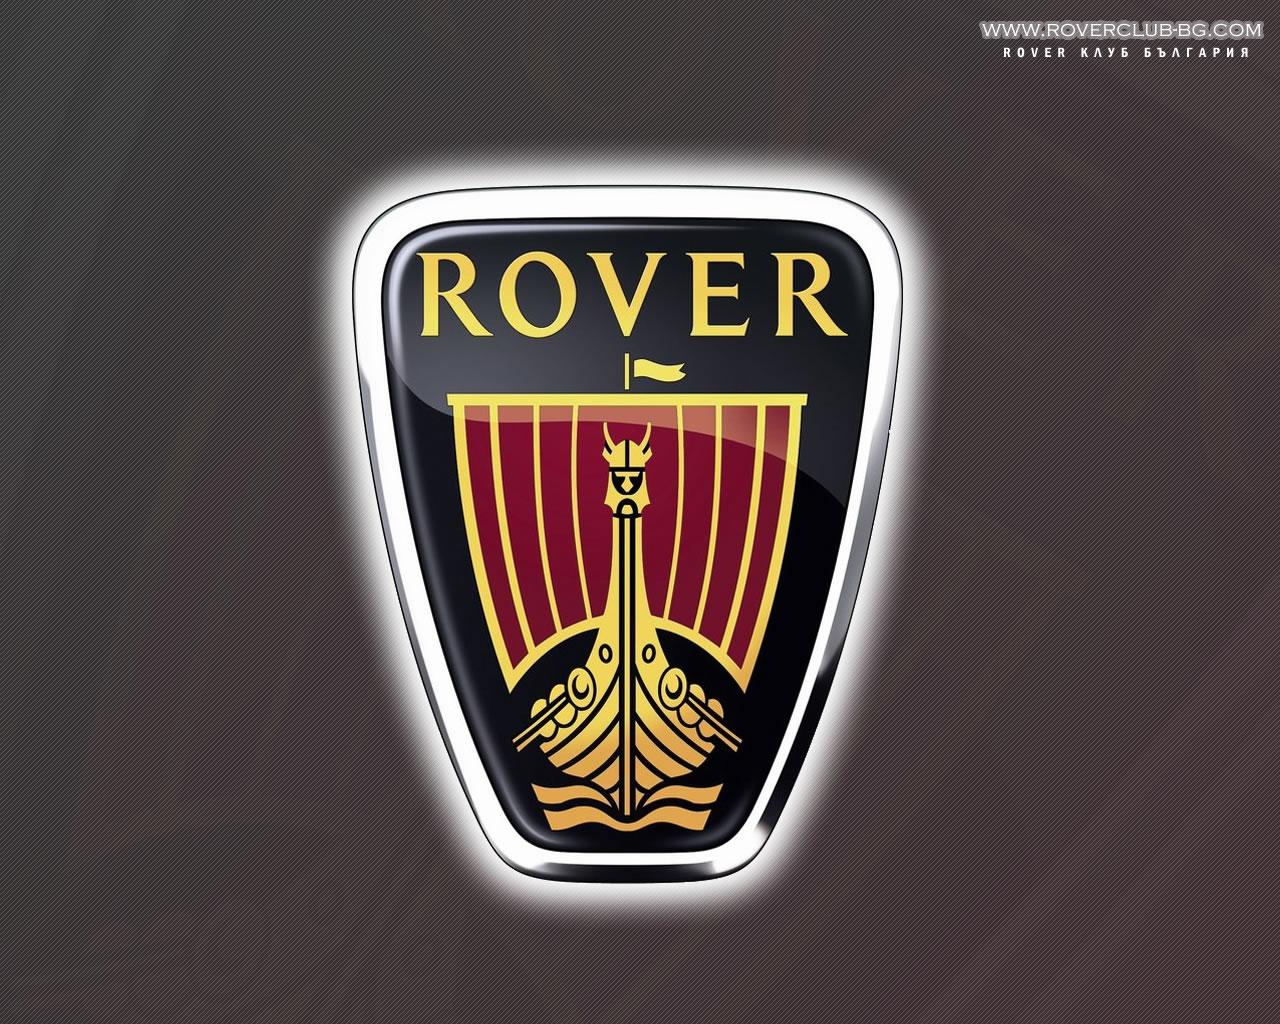 Тапет за Rover